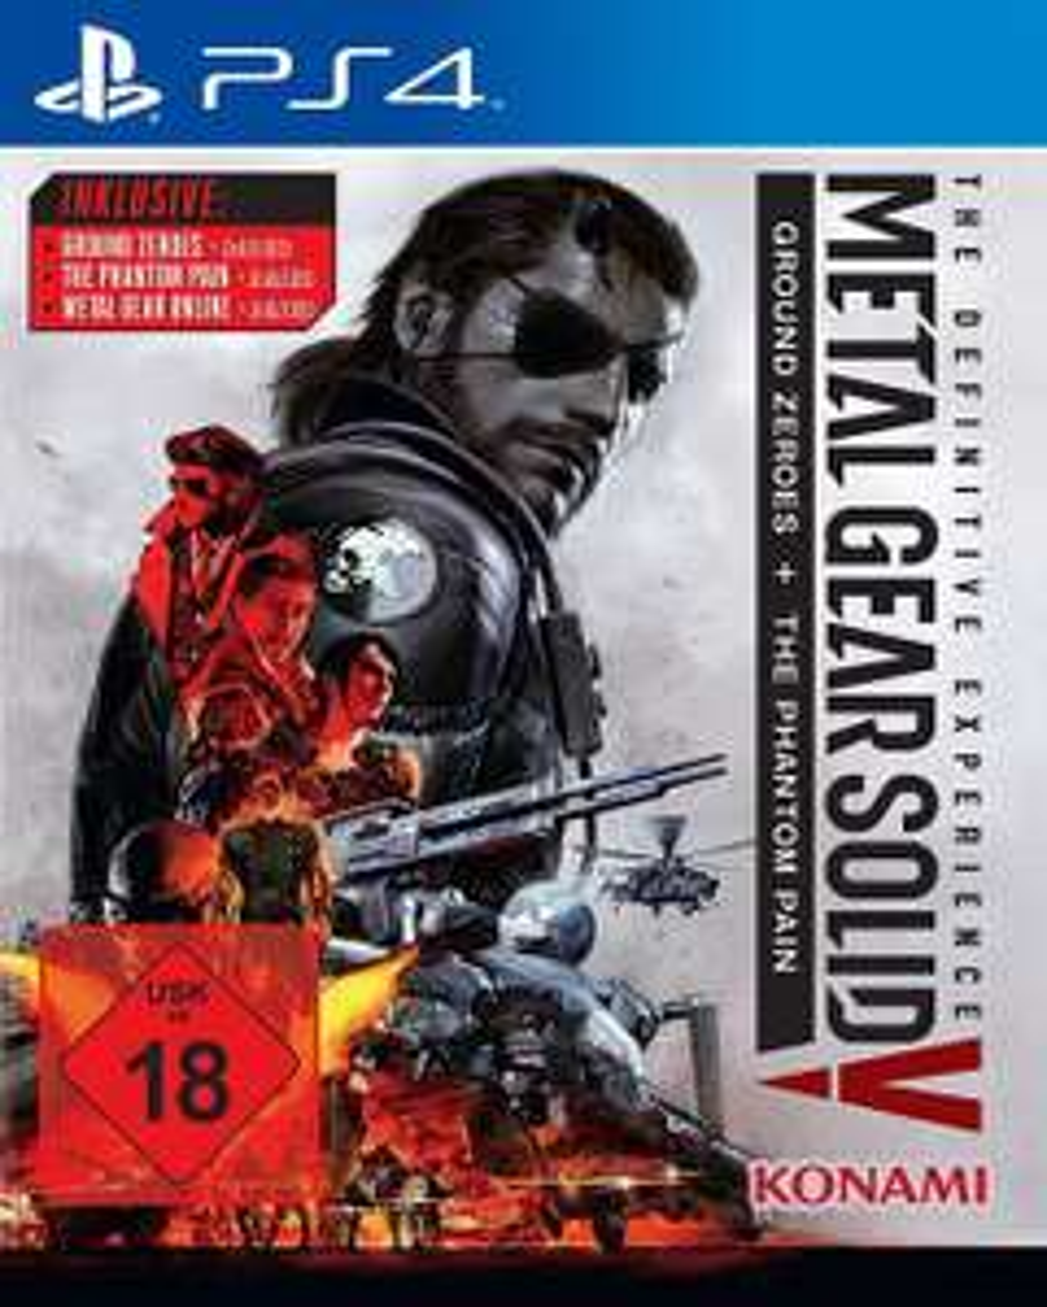 Deus Ex: Mankind Divided - Day One Edition inkl. Steelbook (PS4 / XBO) für 16,99€ & Metal Gear Solid V: Definitive Edition (PS4 / XBO) für 14,99€ versandkostenfrei [Saturn]